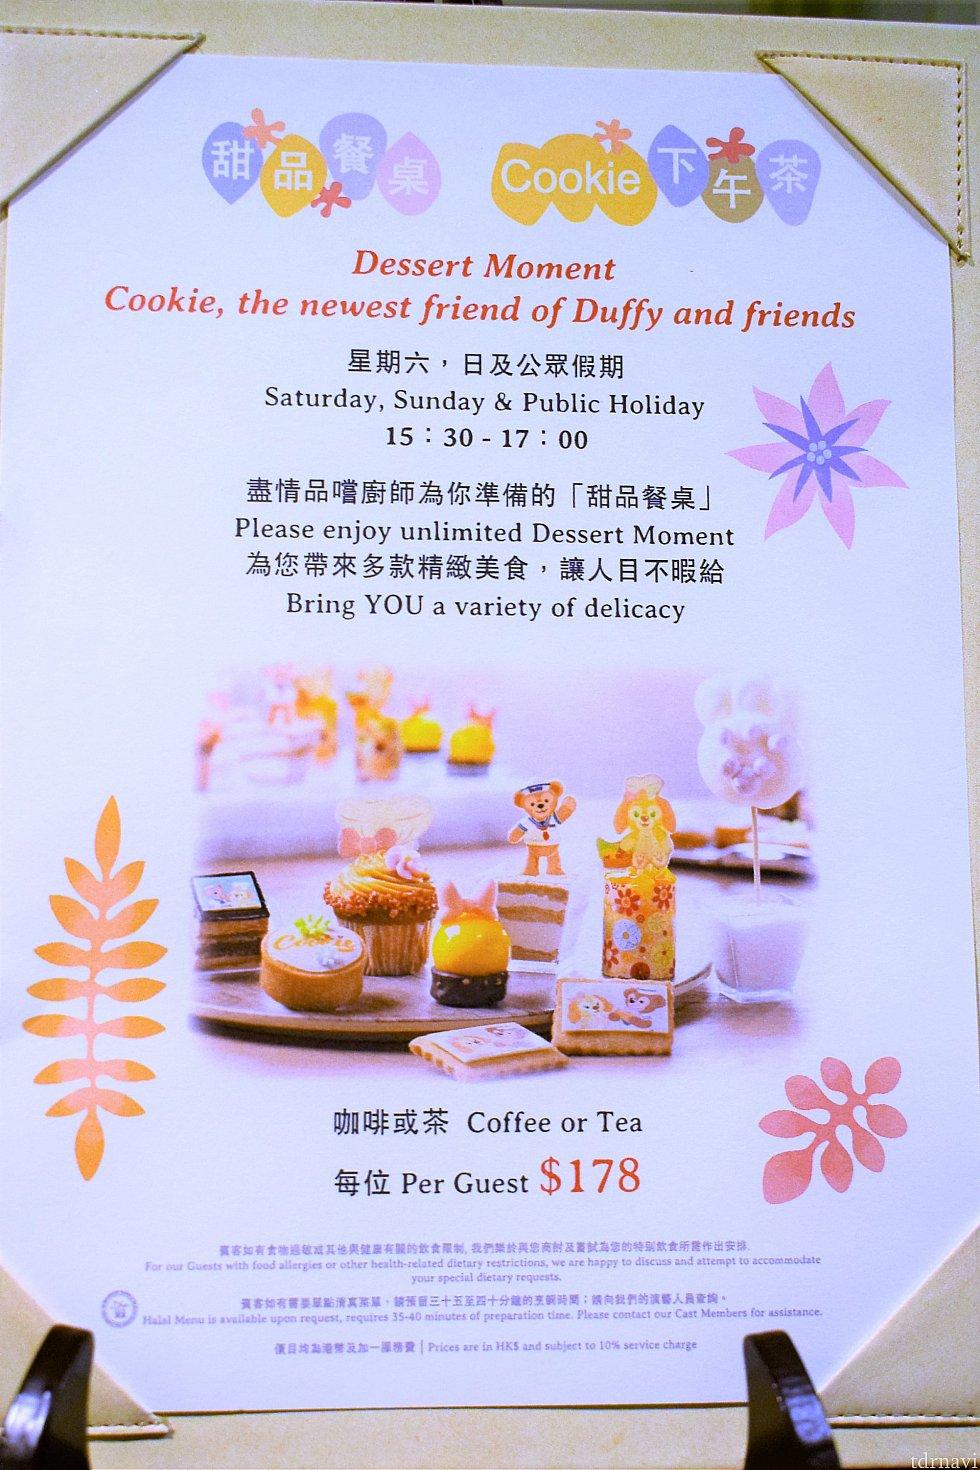 みなさんも香港に行った際はぜひデザートモーメントを楽しんでみてください!!!